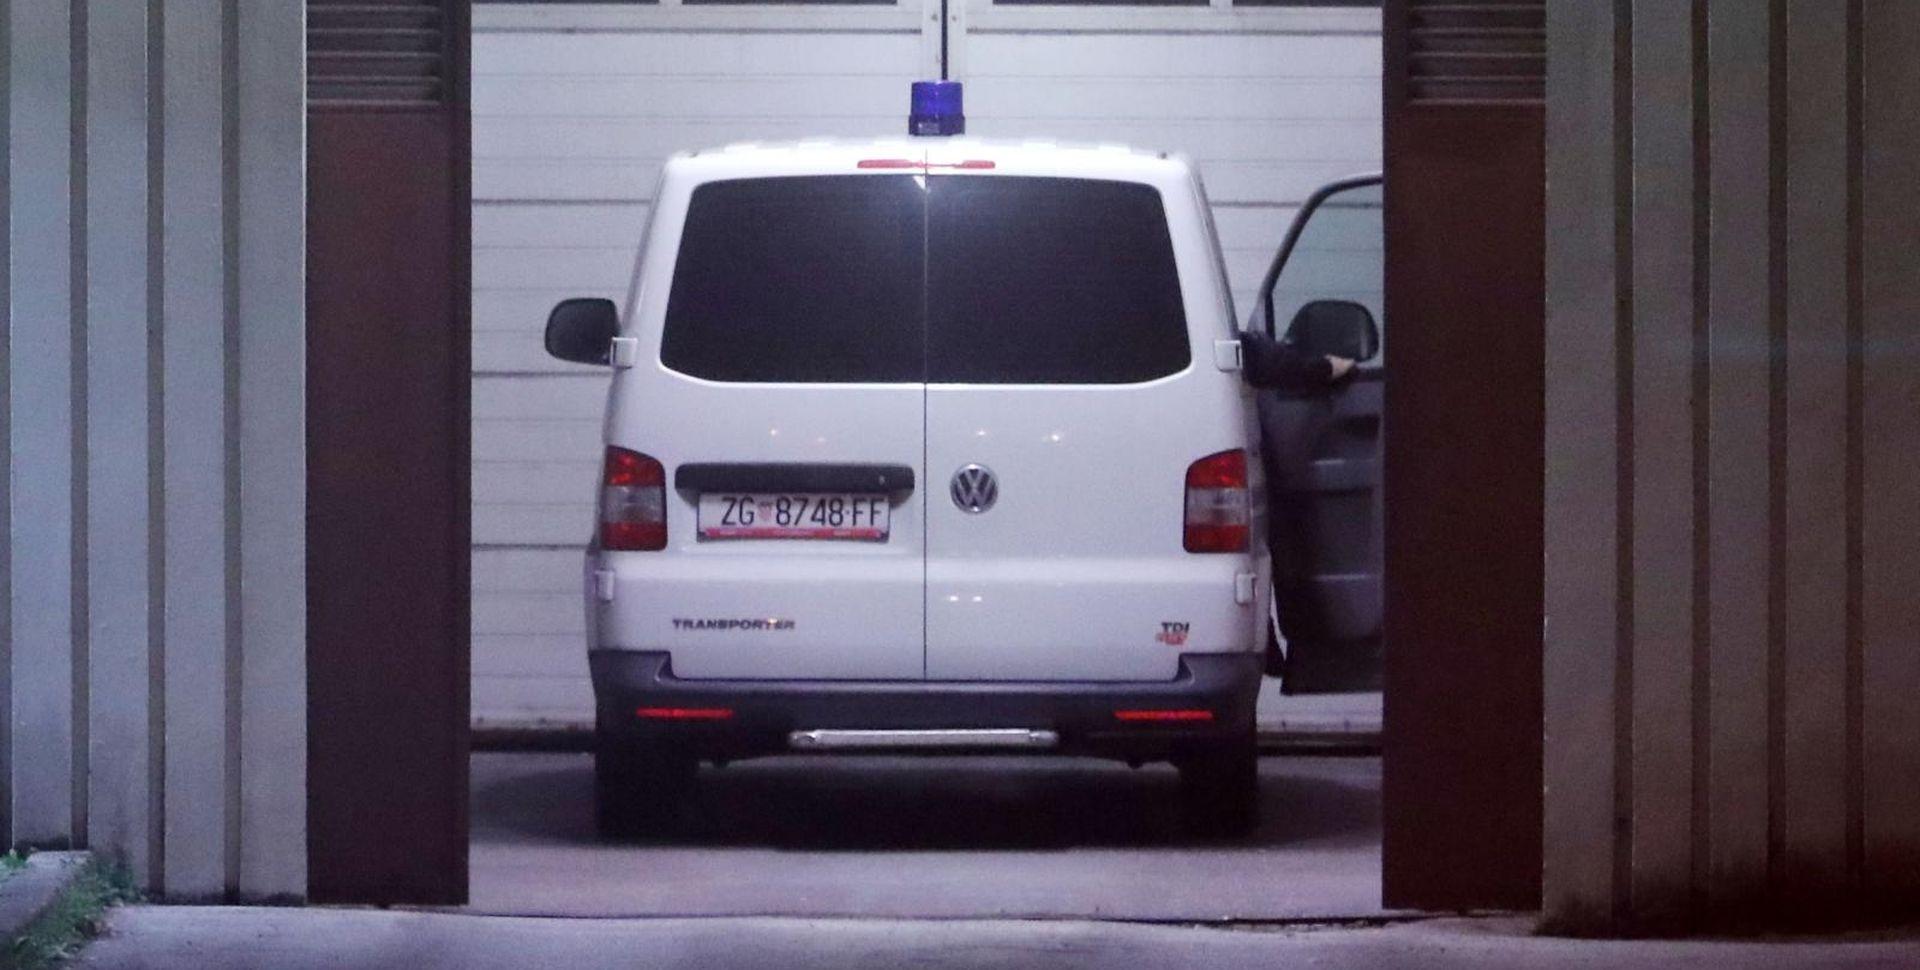 Sud odlučuje o žalbi Ivice Todorića